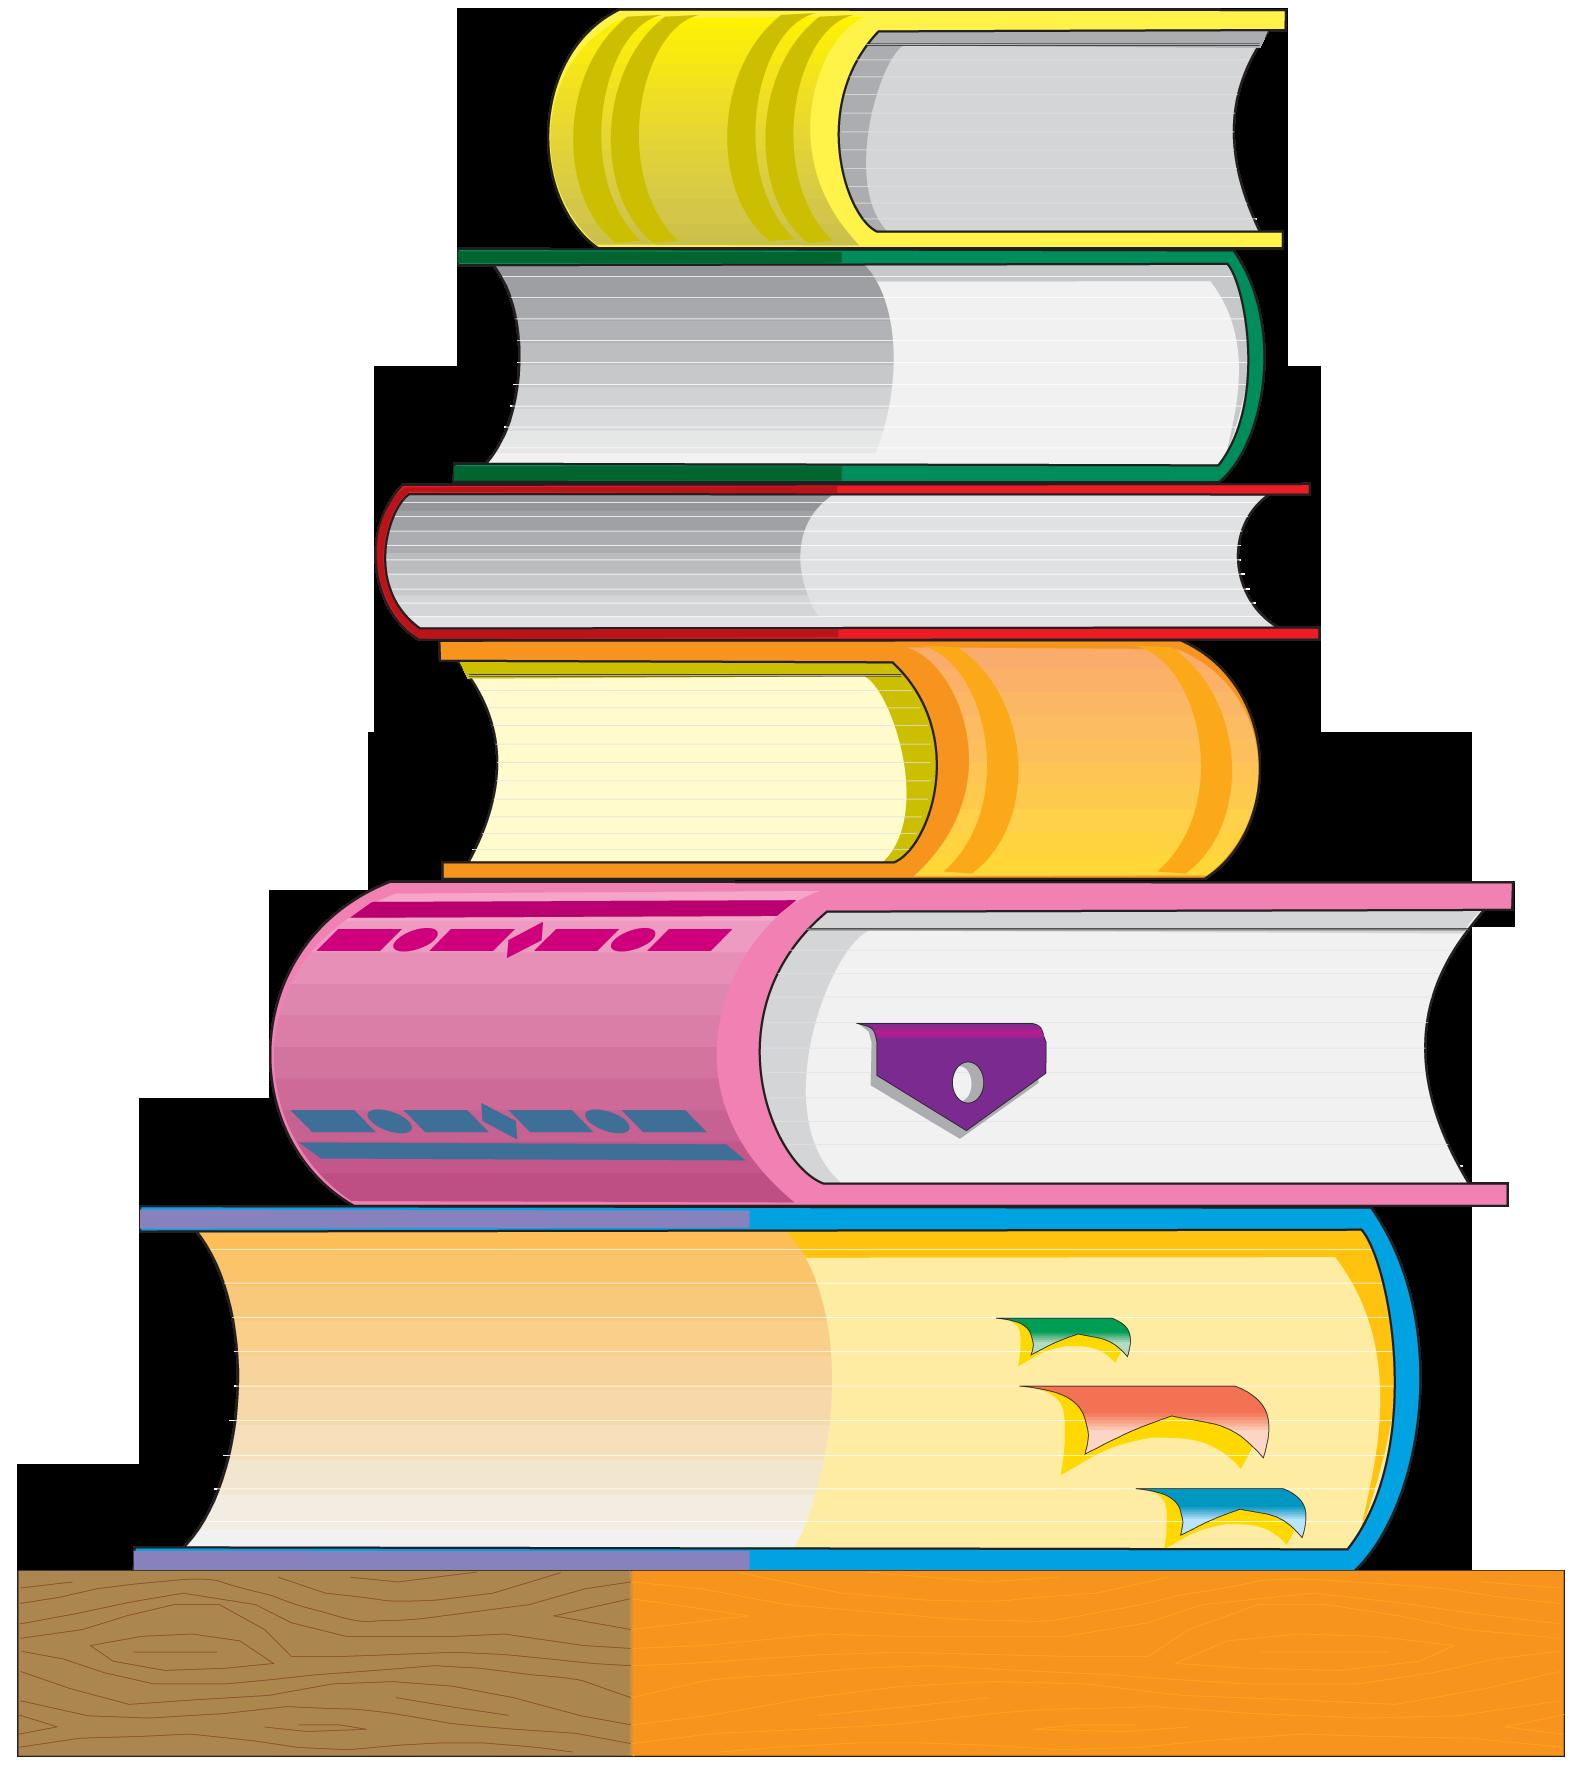 список литературы здоровый образ жизни